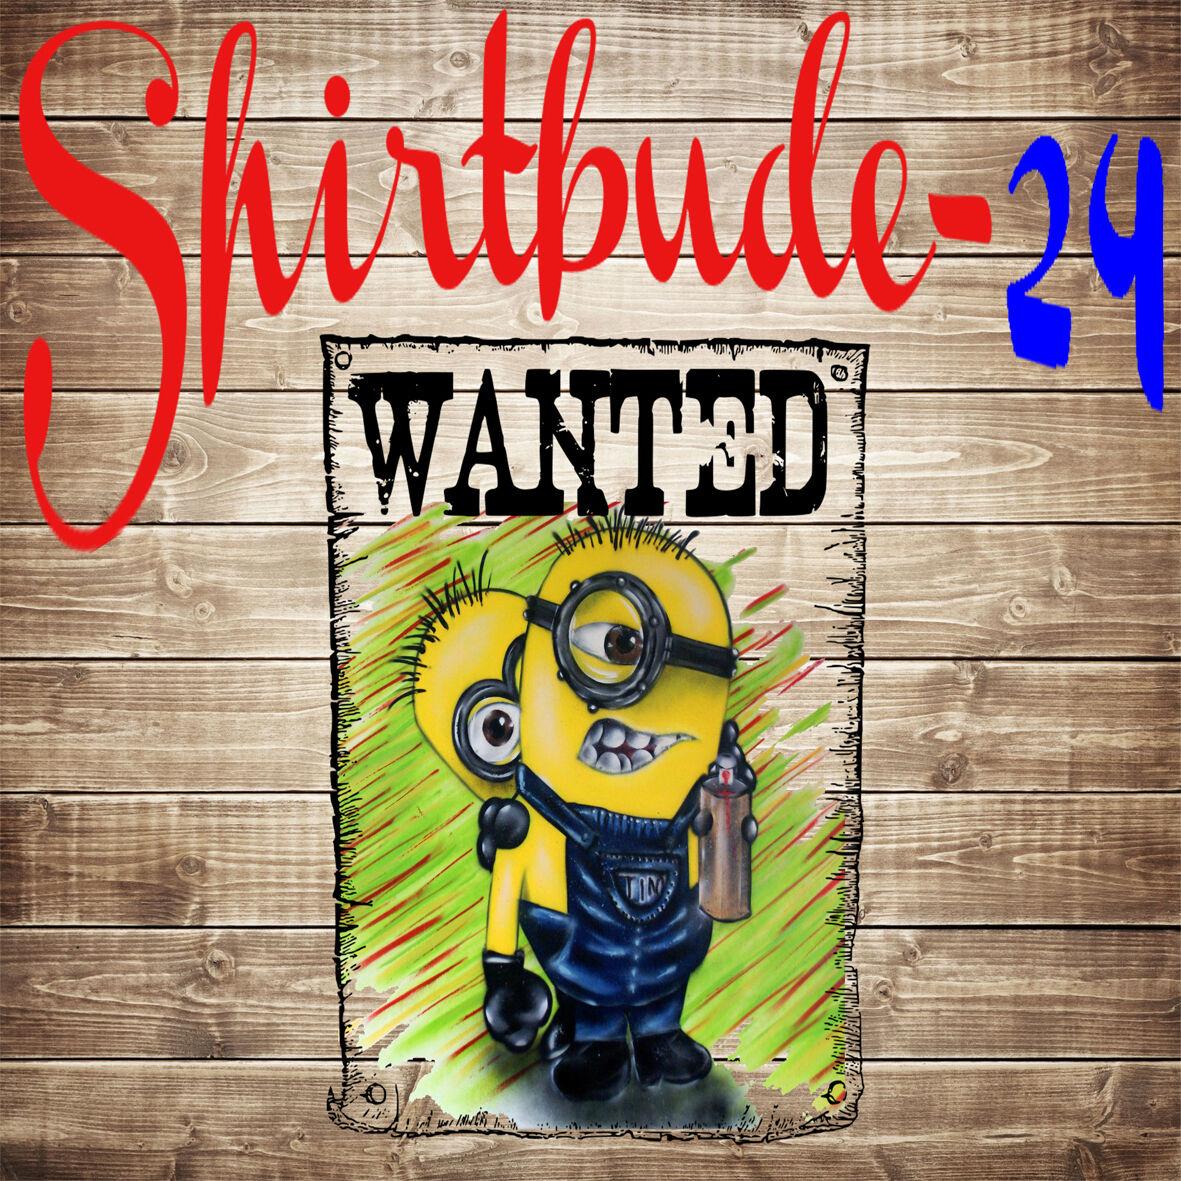 Shirtbude-24